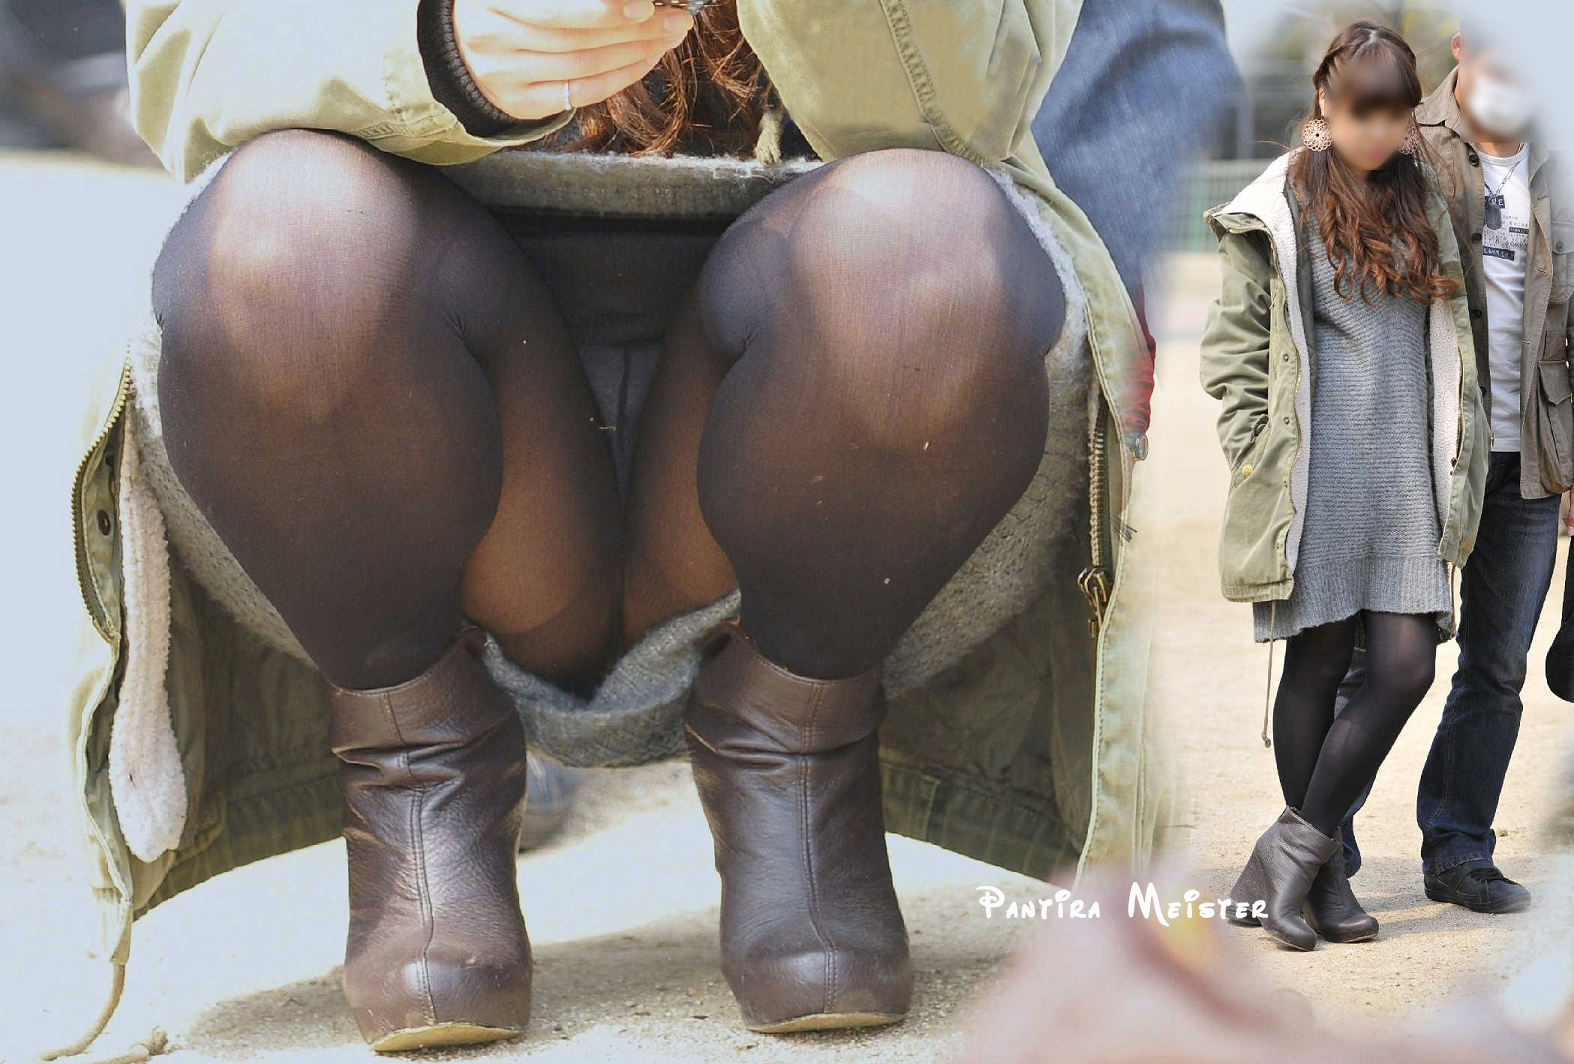 ストッキング・タイツ履いてればしゃがんでも大丈ダンナだと思ってるシロウト達のパンツ丸見え写真